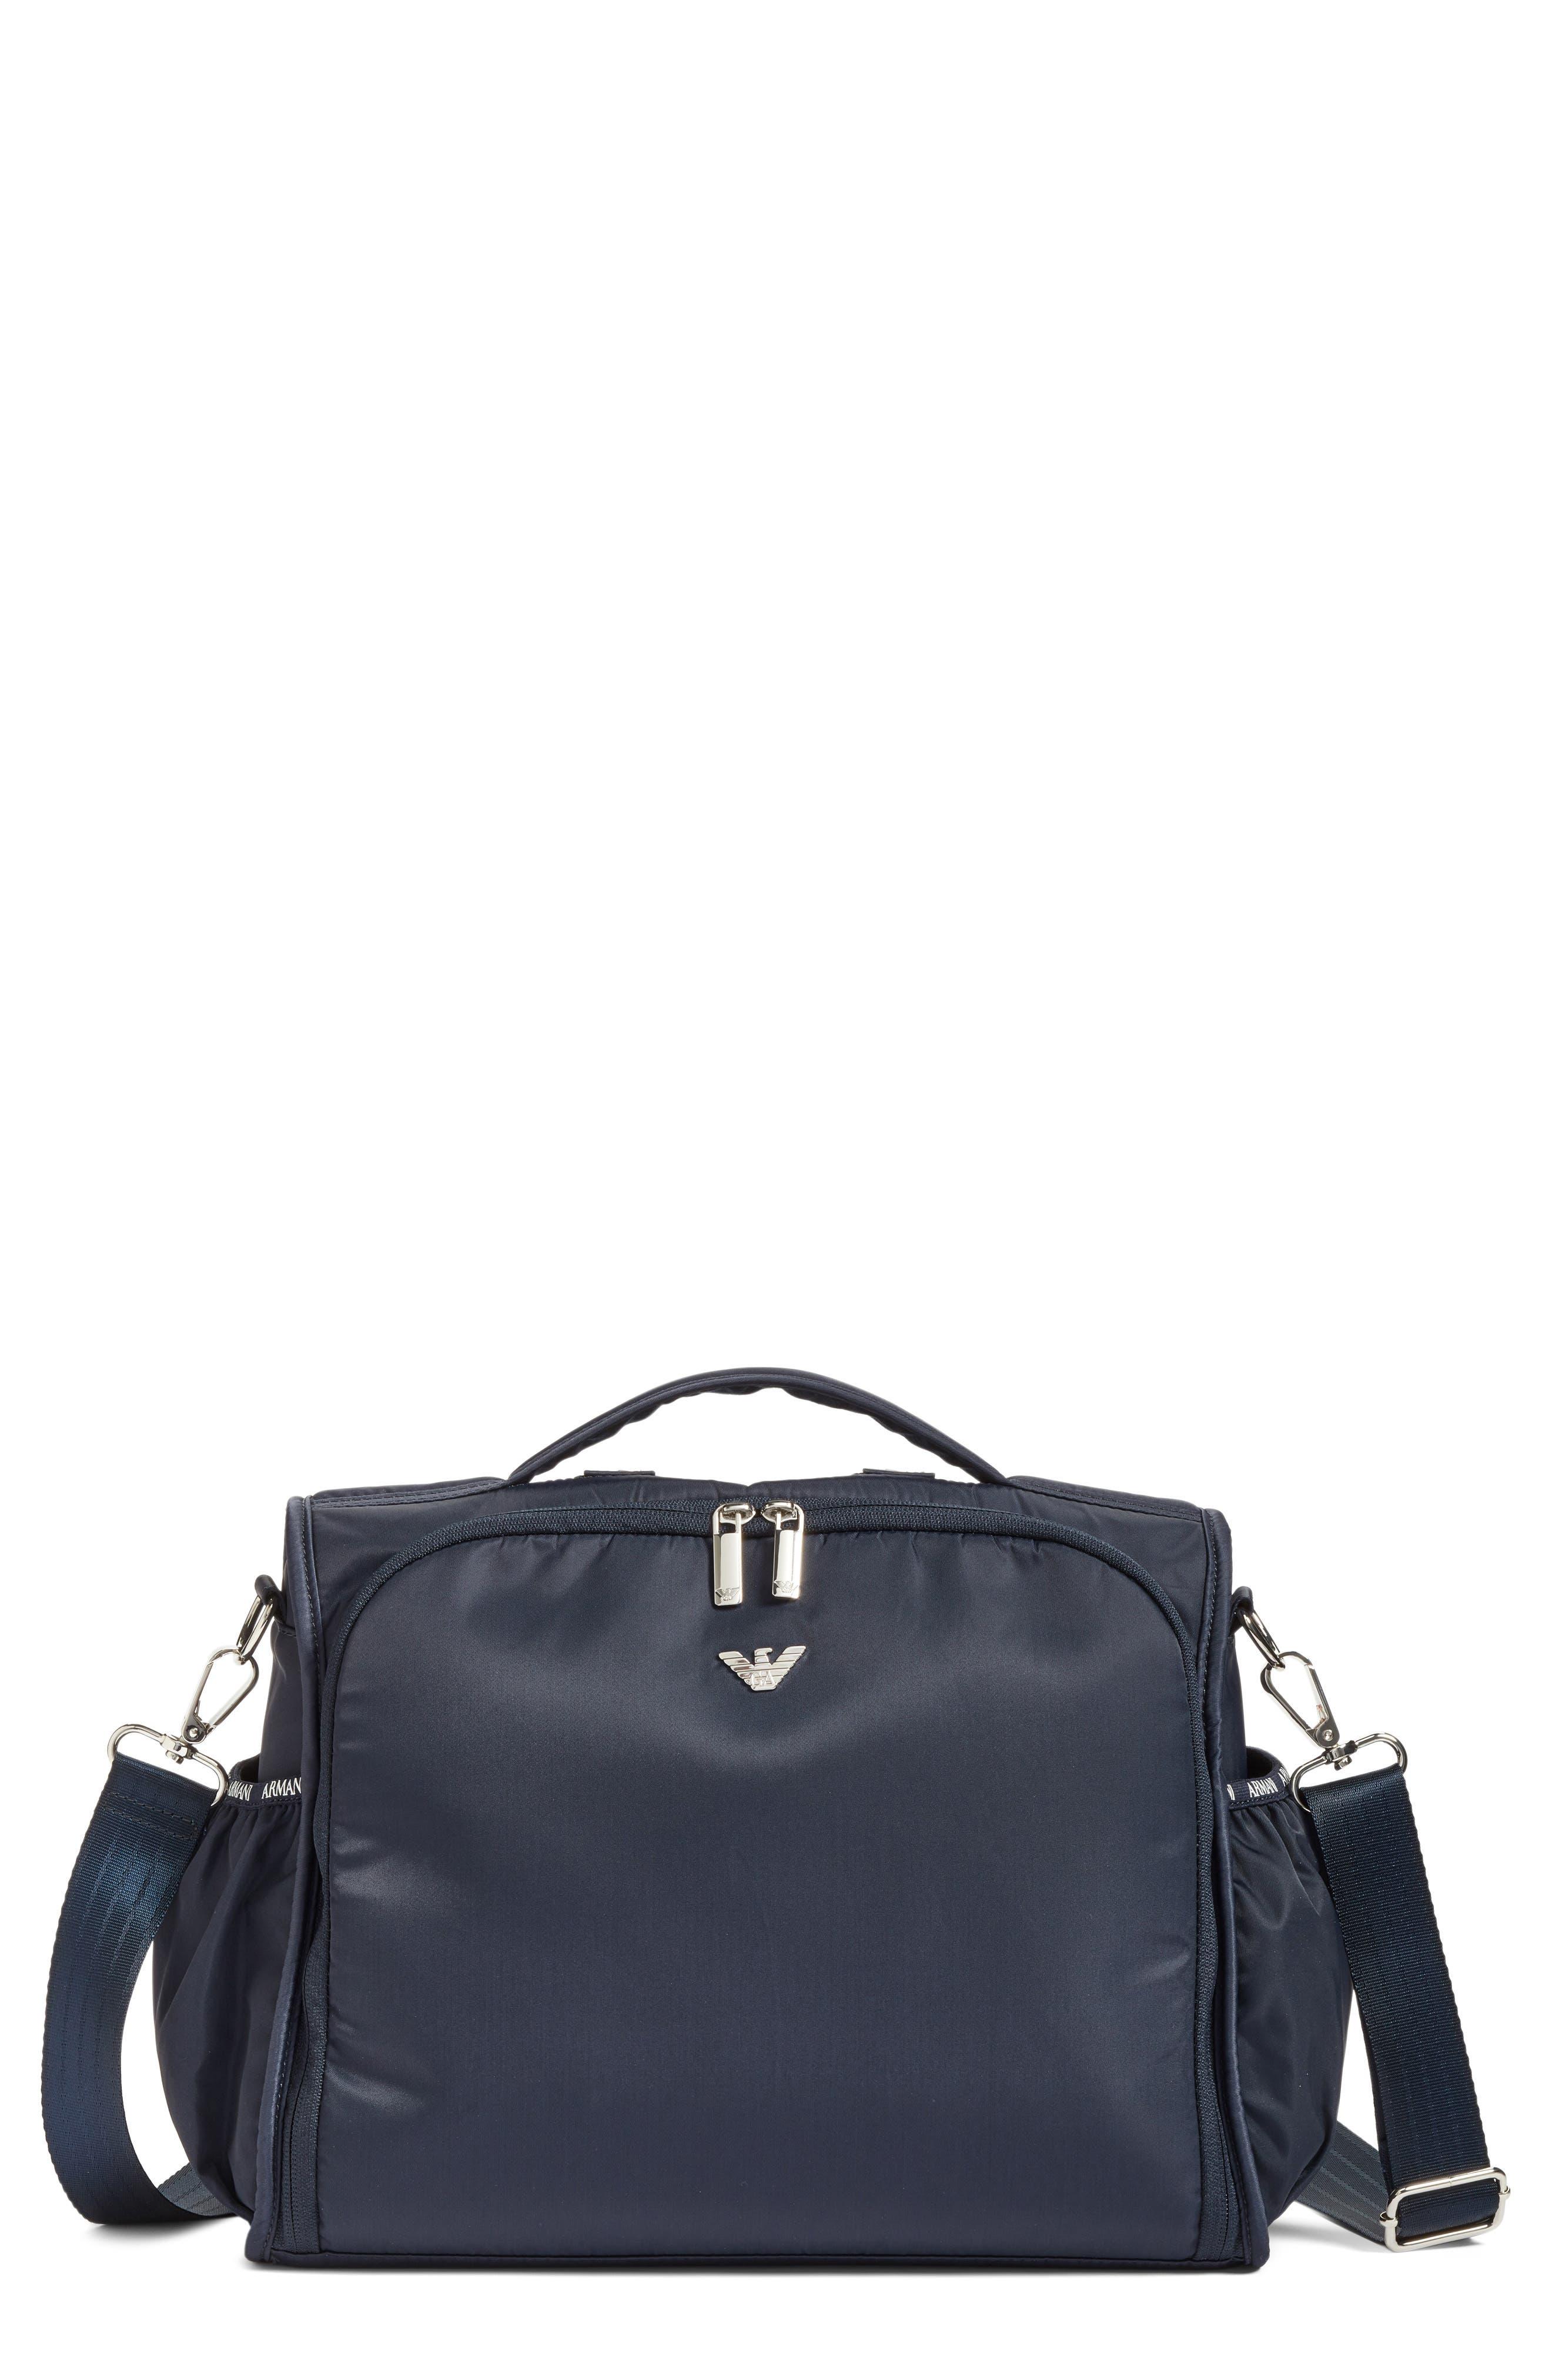 Backpack Diaper Bag,                             Main thumbnail 1, color,                             414